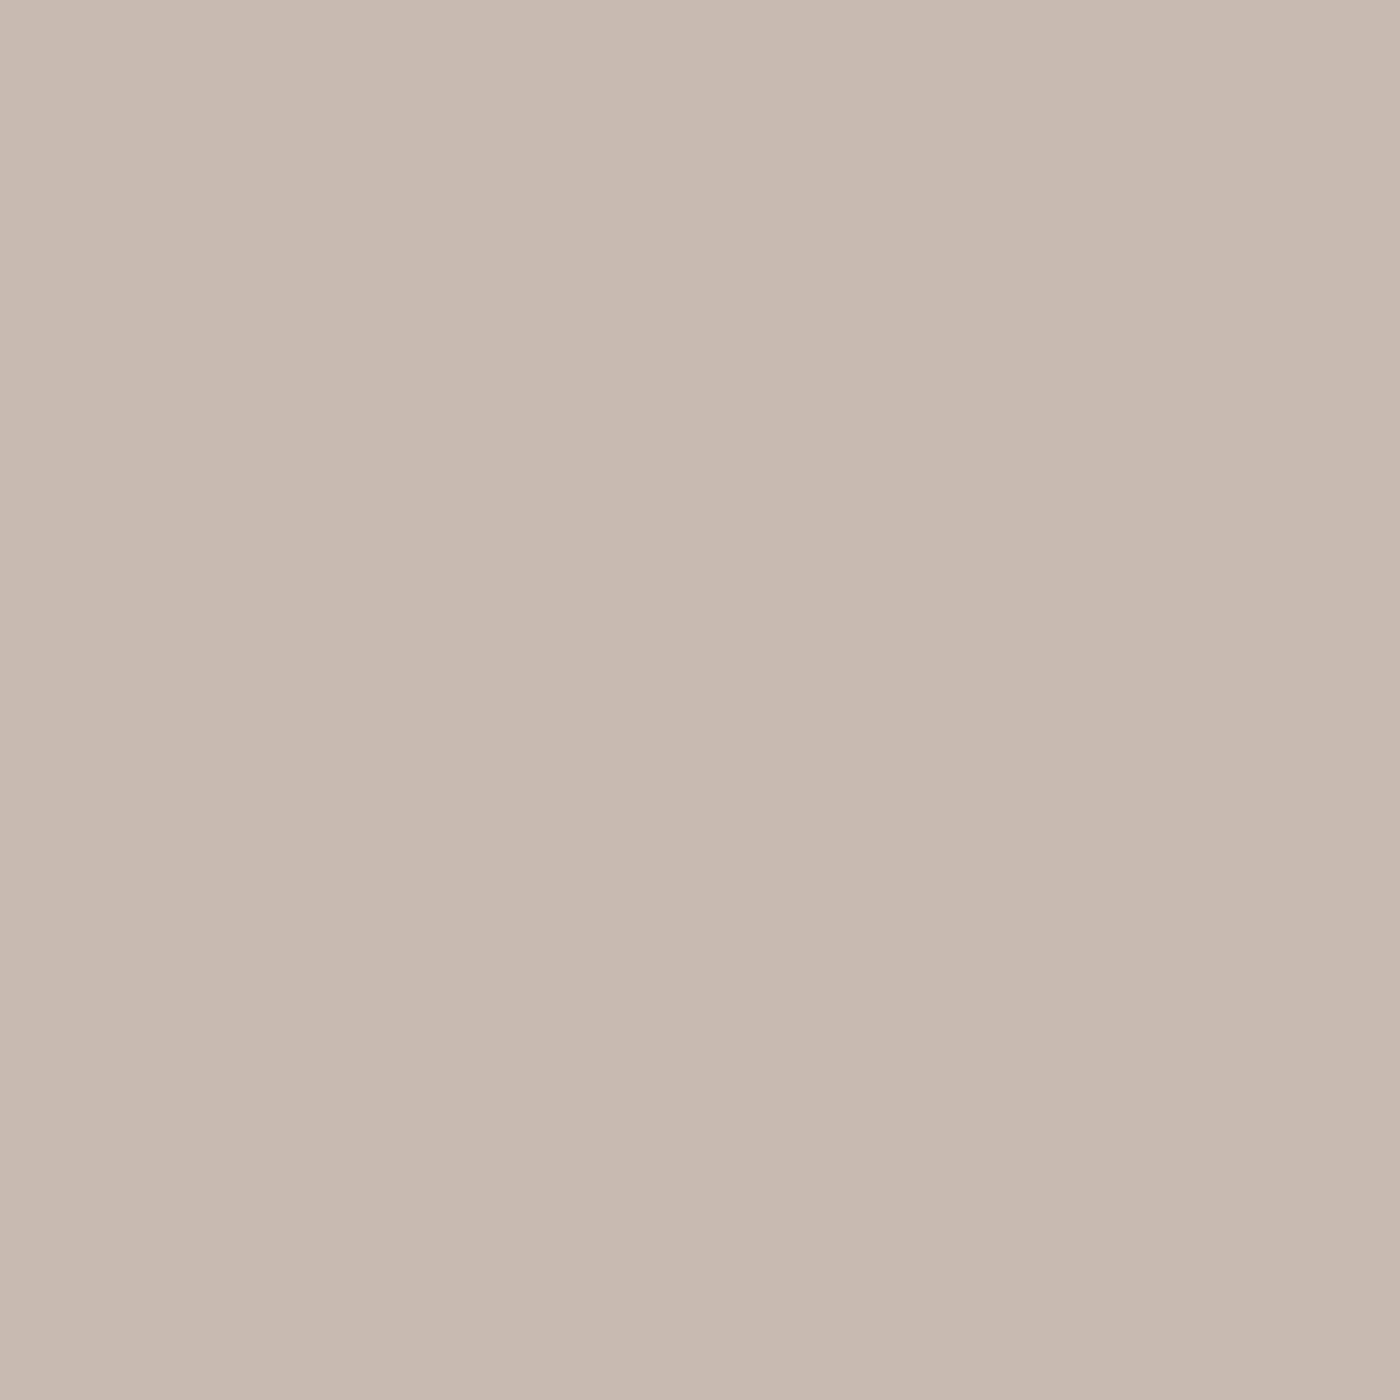 Polyester Crème antique